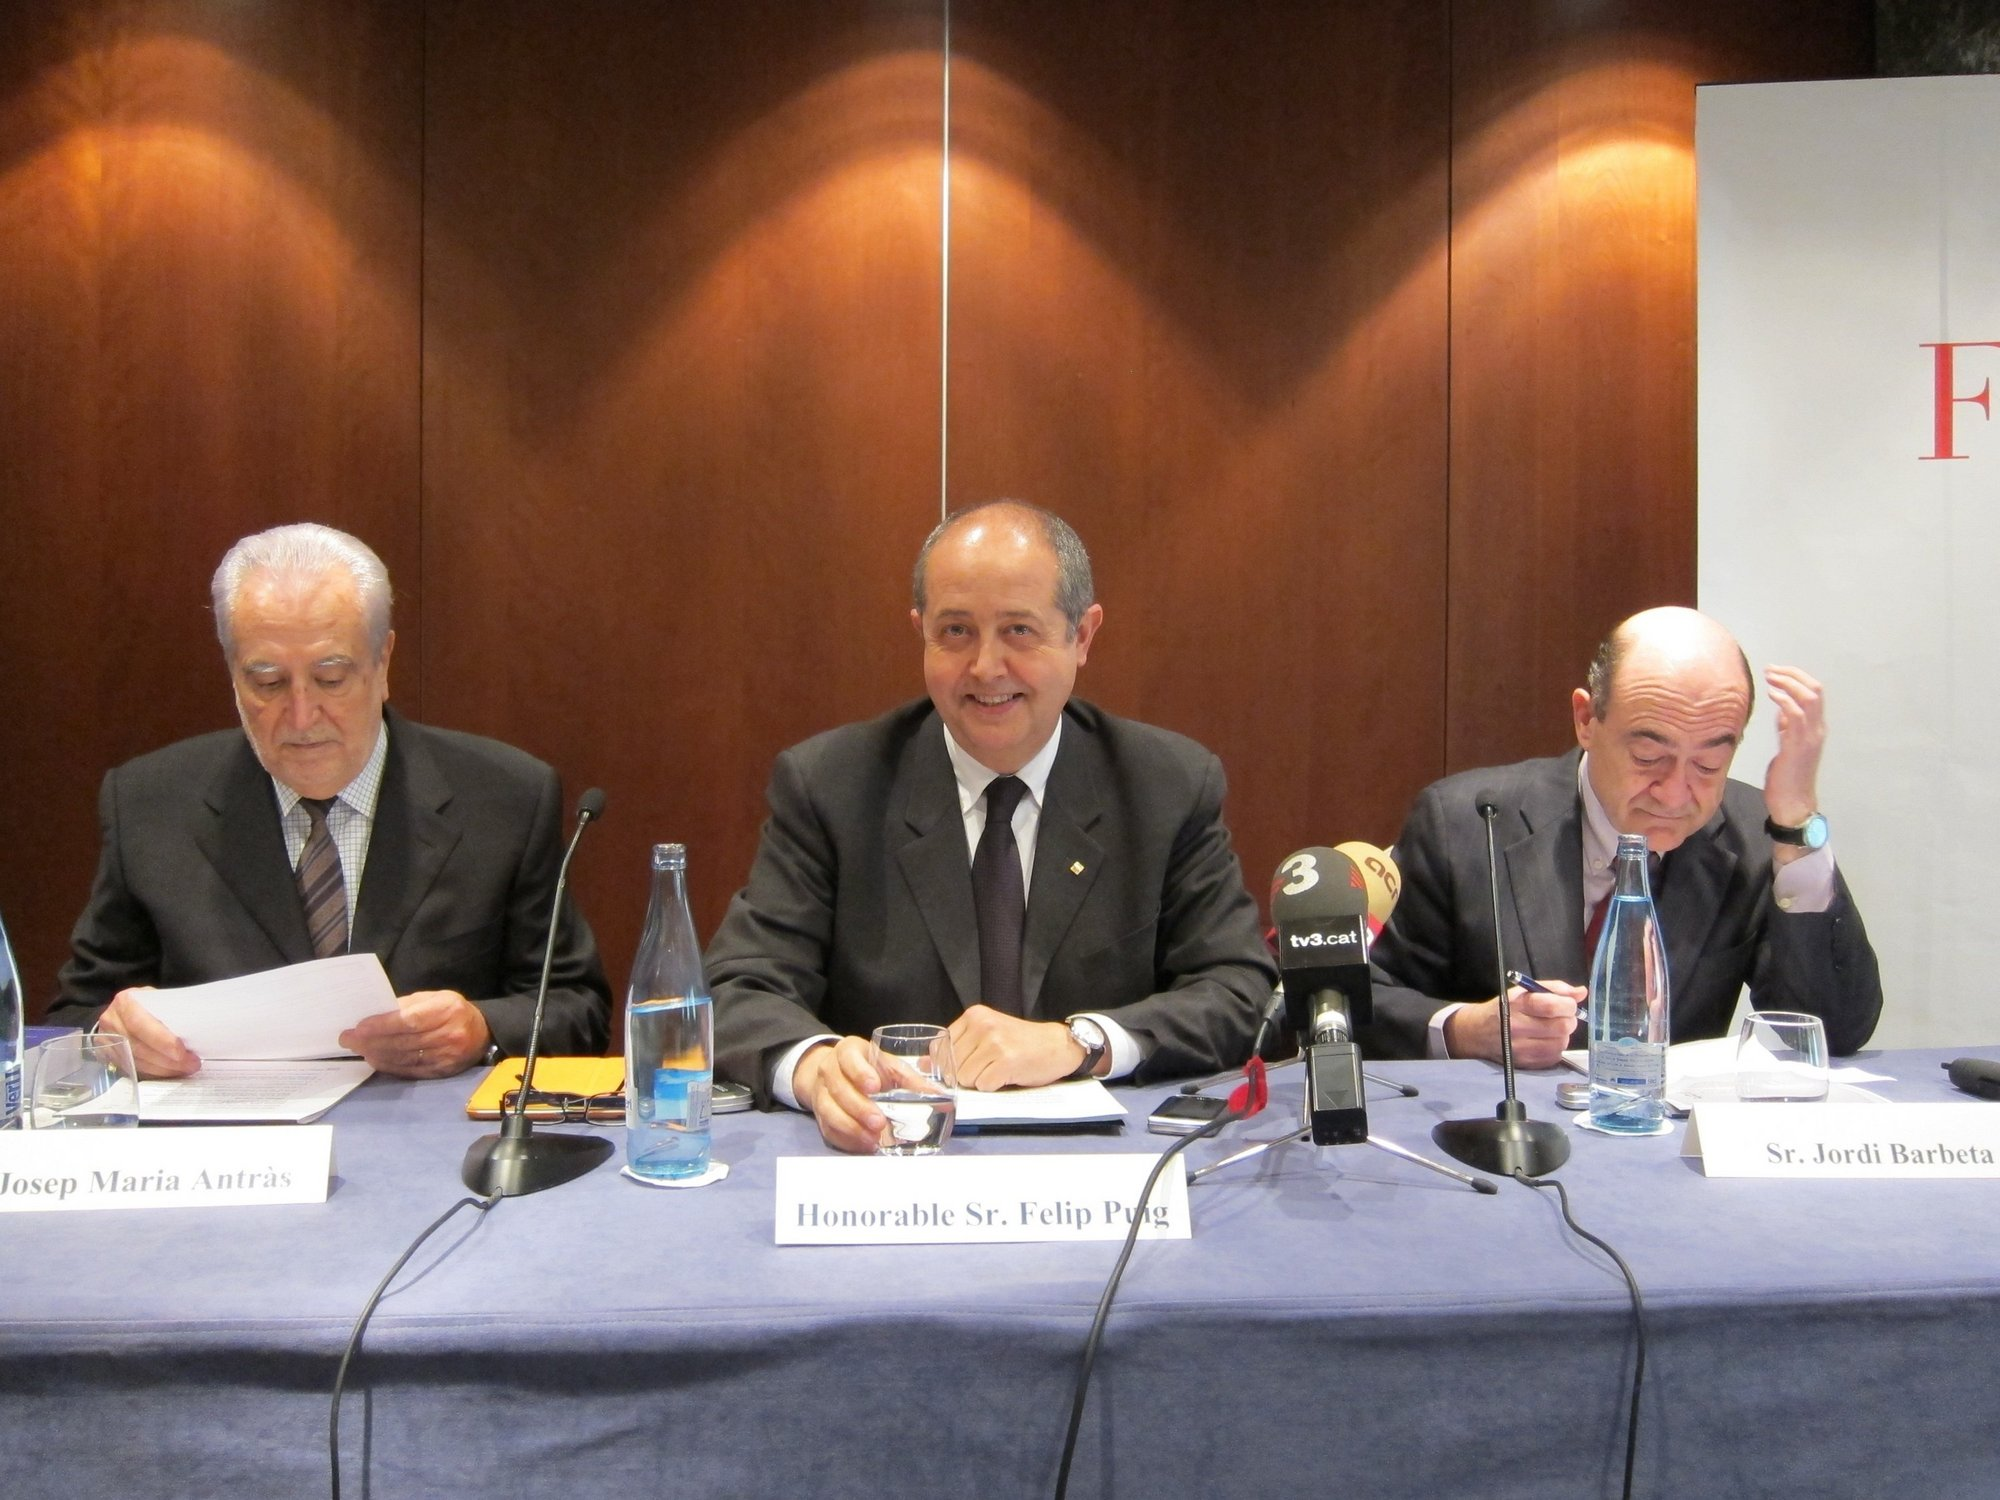 Consejero de la Generalitat asegura que el estado plurinacional «ya no existe» y que el camino es el »derecho a decidir»